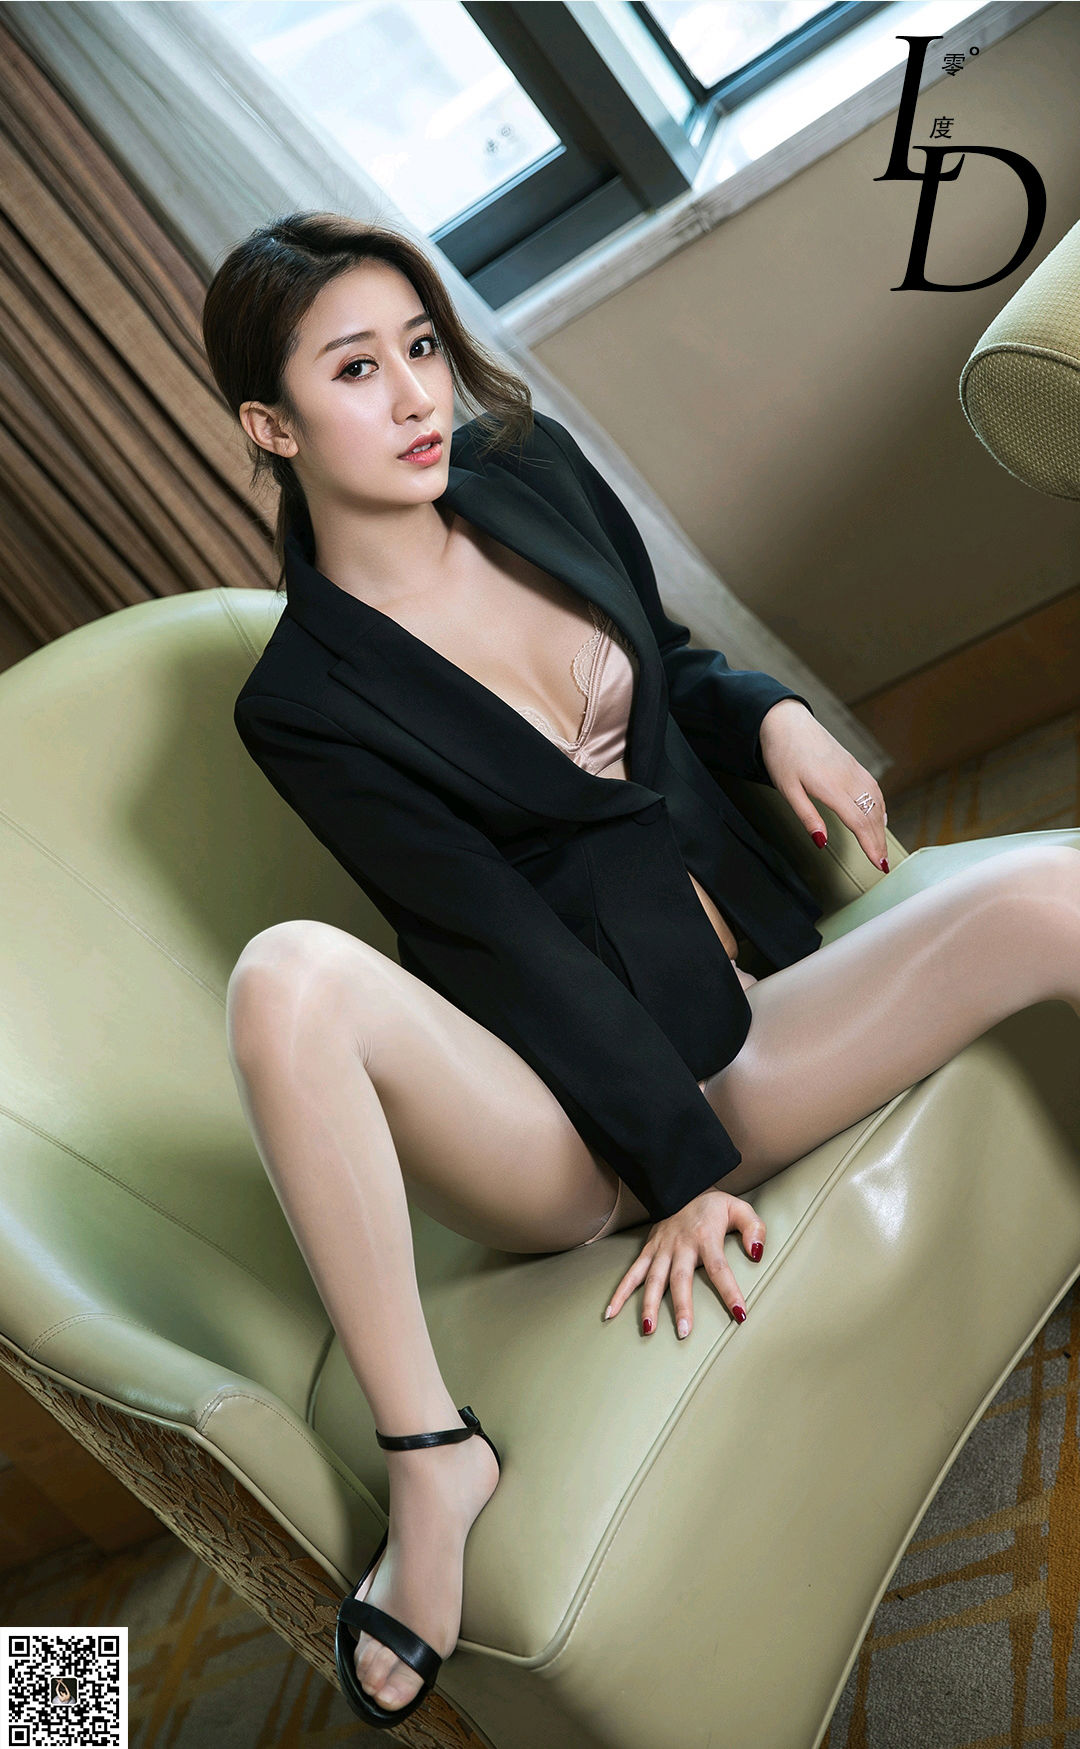 VOL.1091 [LD零度]性感女郎丝袜女郎:小燕子高品质写真套图(53P)